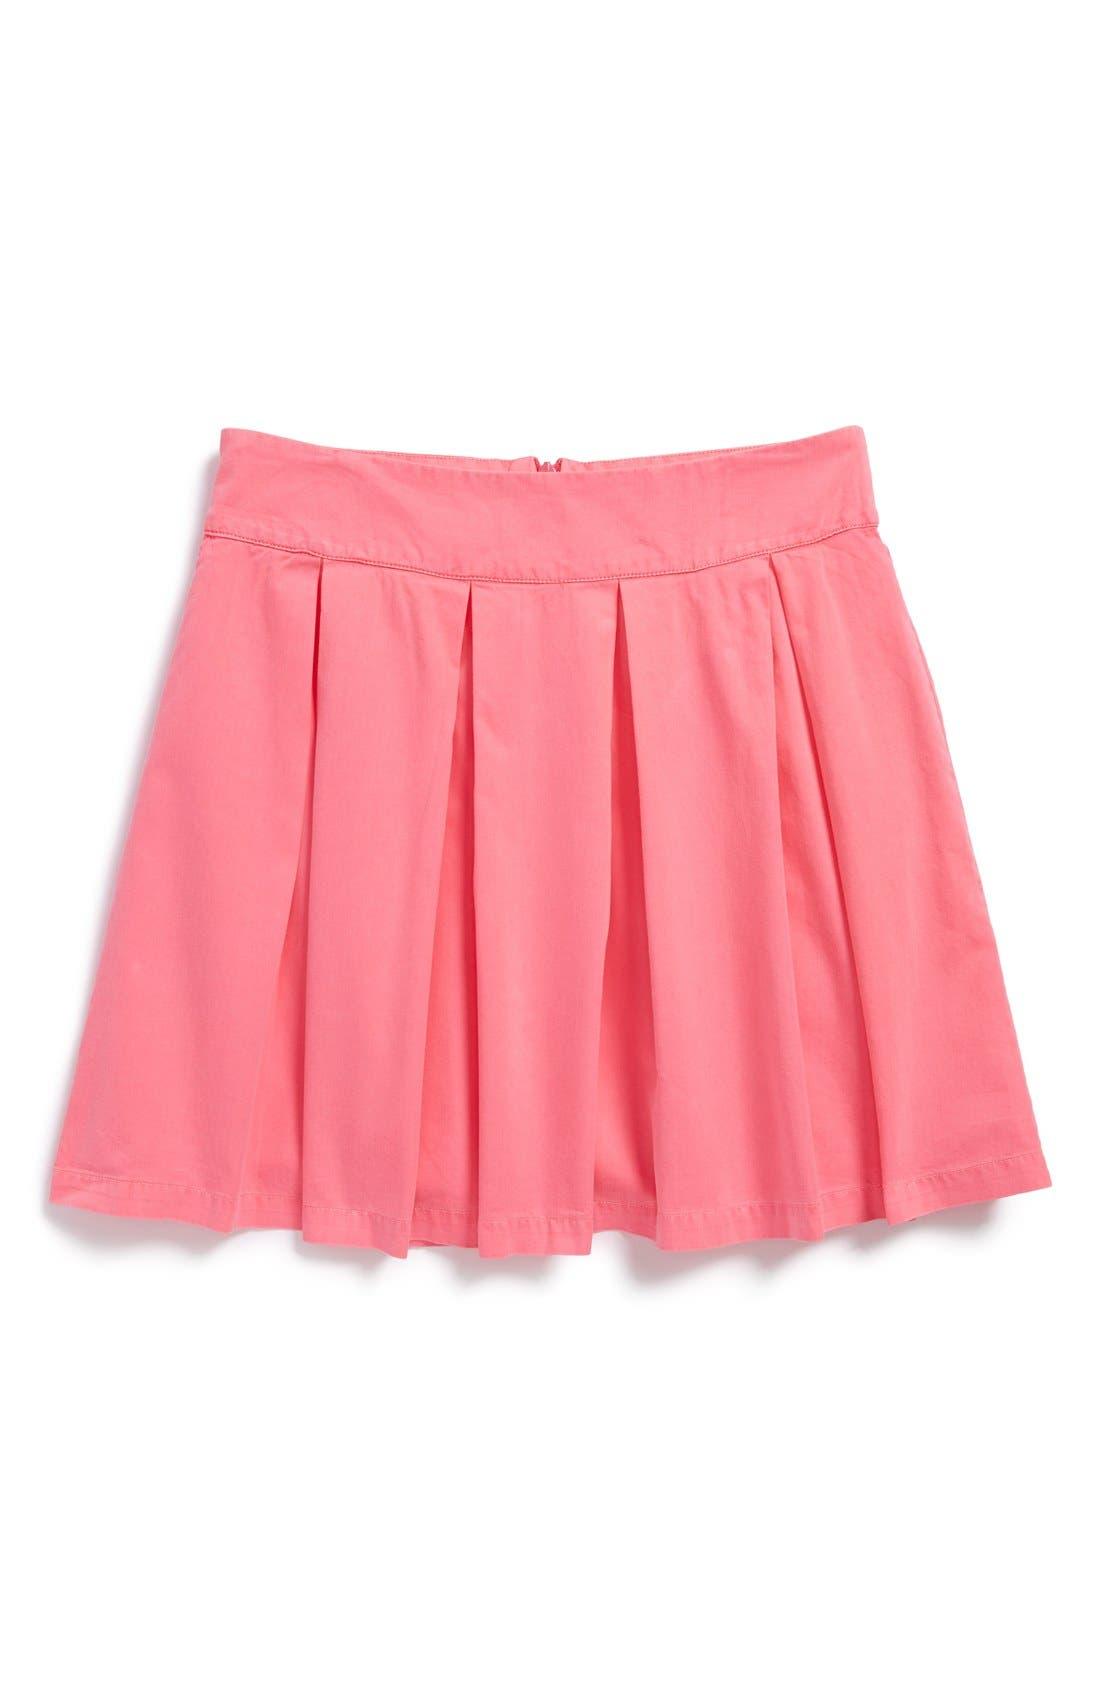 Main Image - Ruby & Bloom 'Ingrid' Skirt (Big Girls)